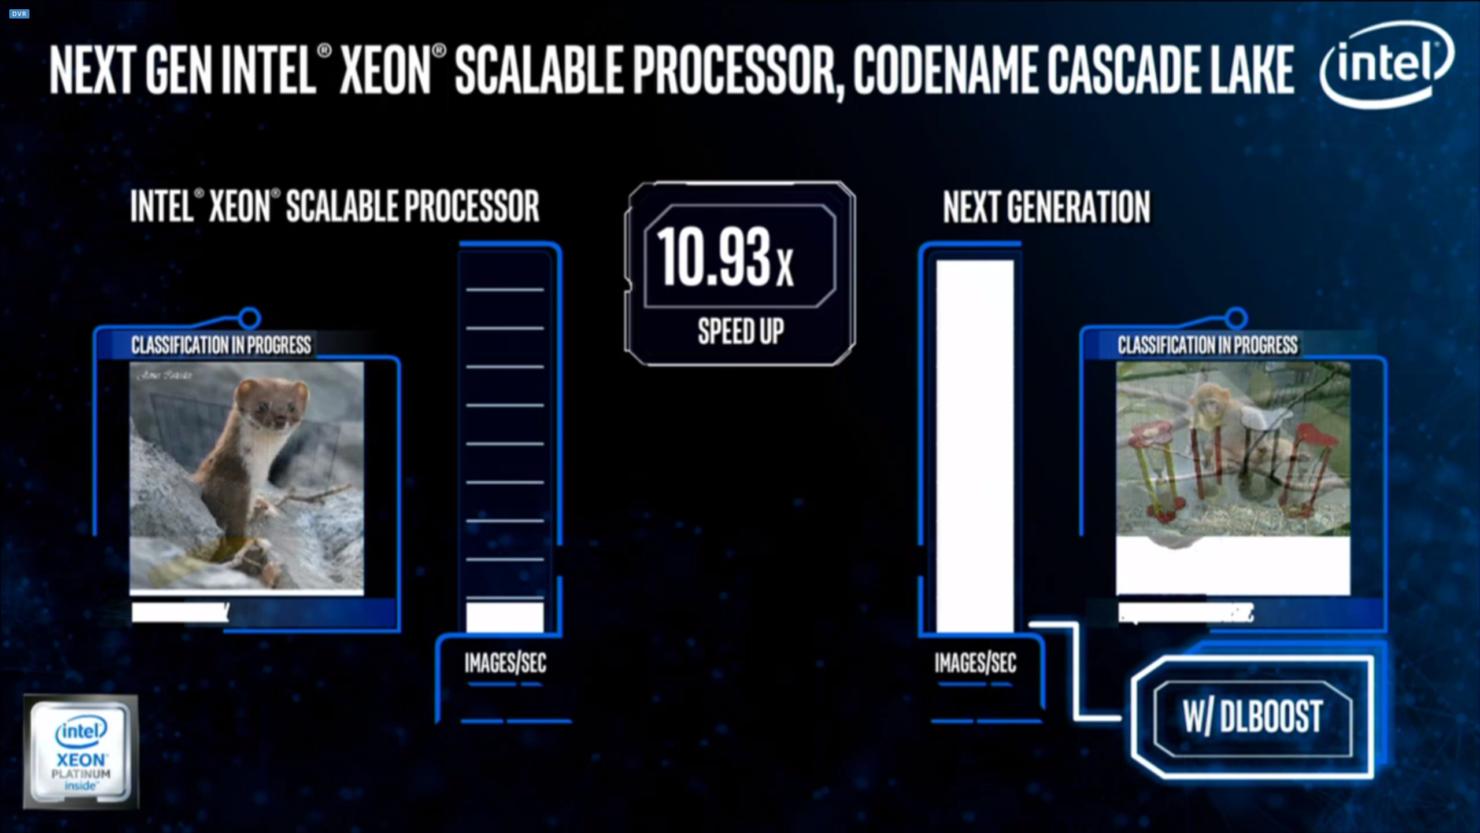 intel-xeon-processor_cascade-lake-xeon-sp-dl-boost_2